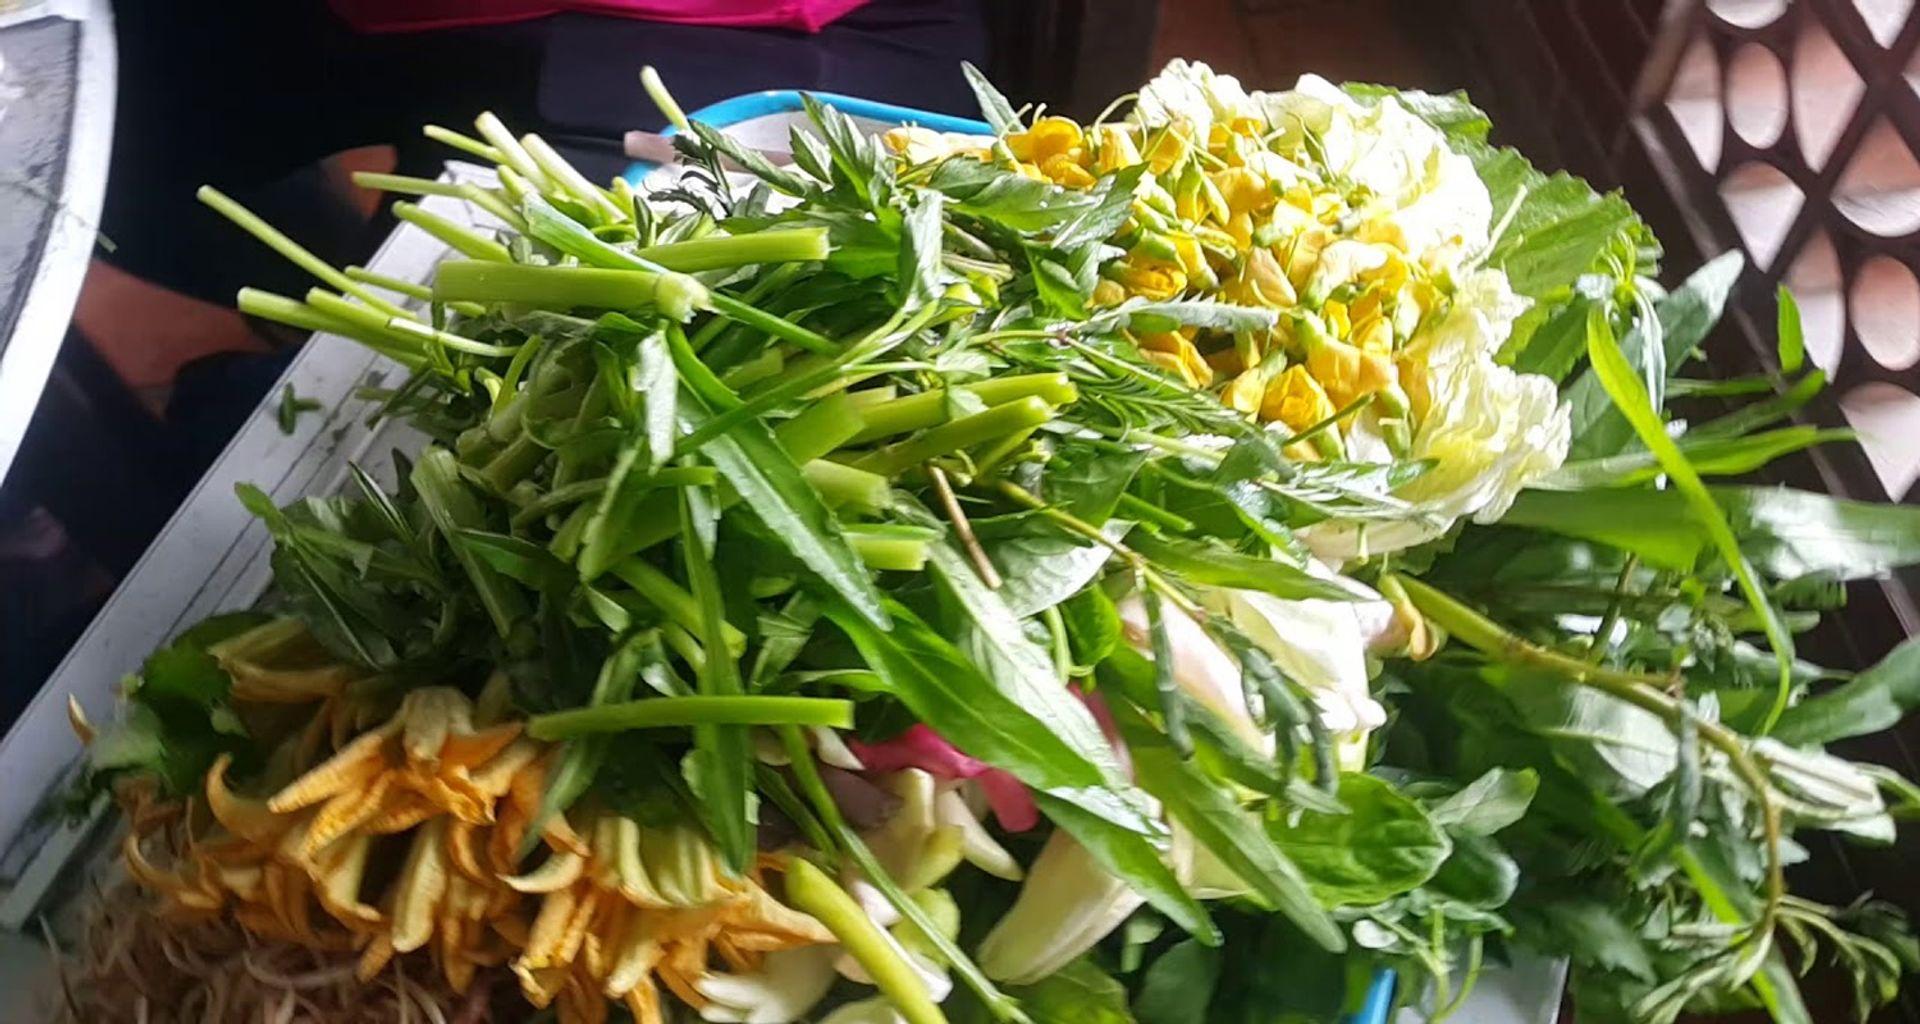 Lẩu mắm Dạ Lý đặc sắc bởi các loại rau